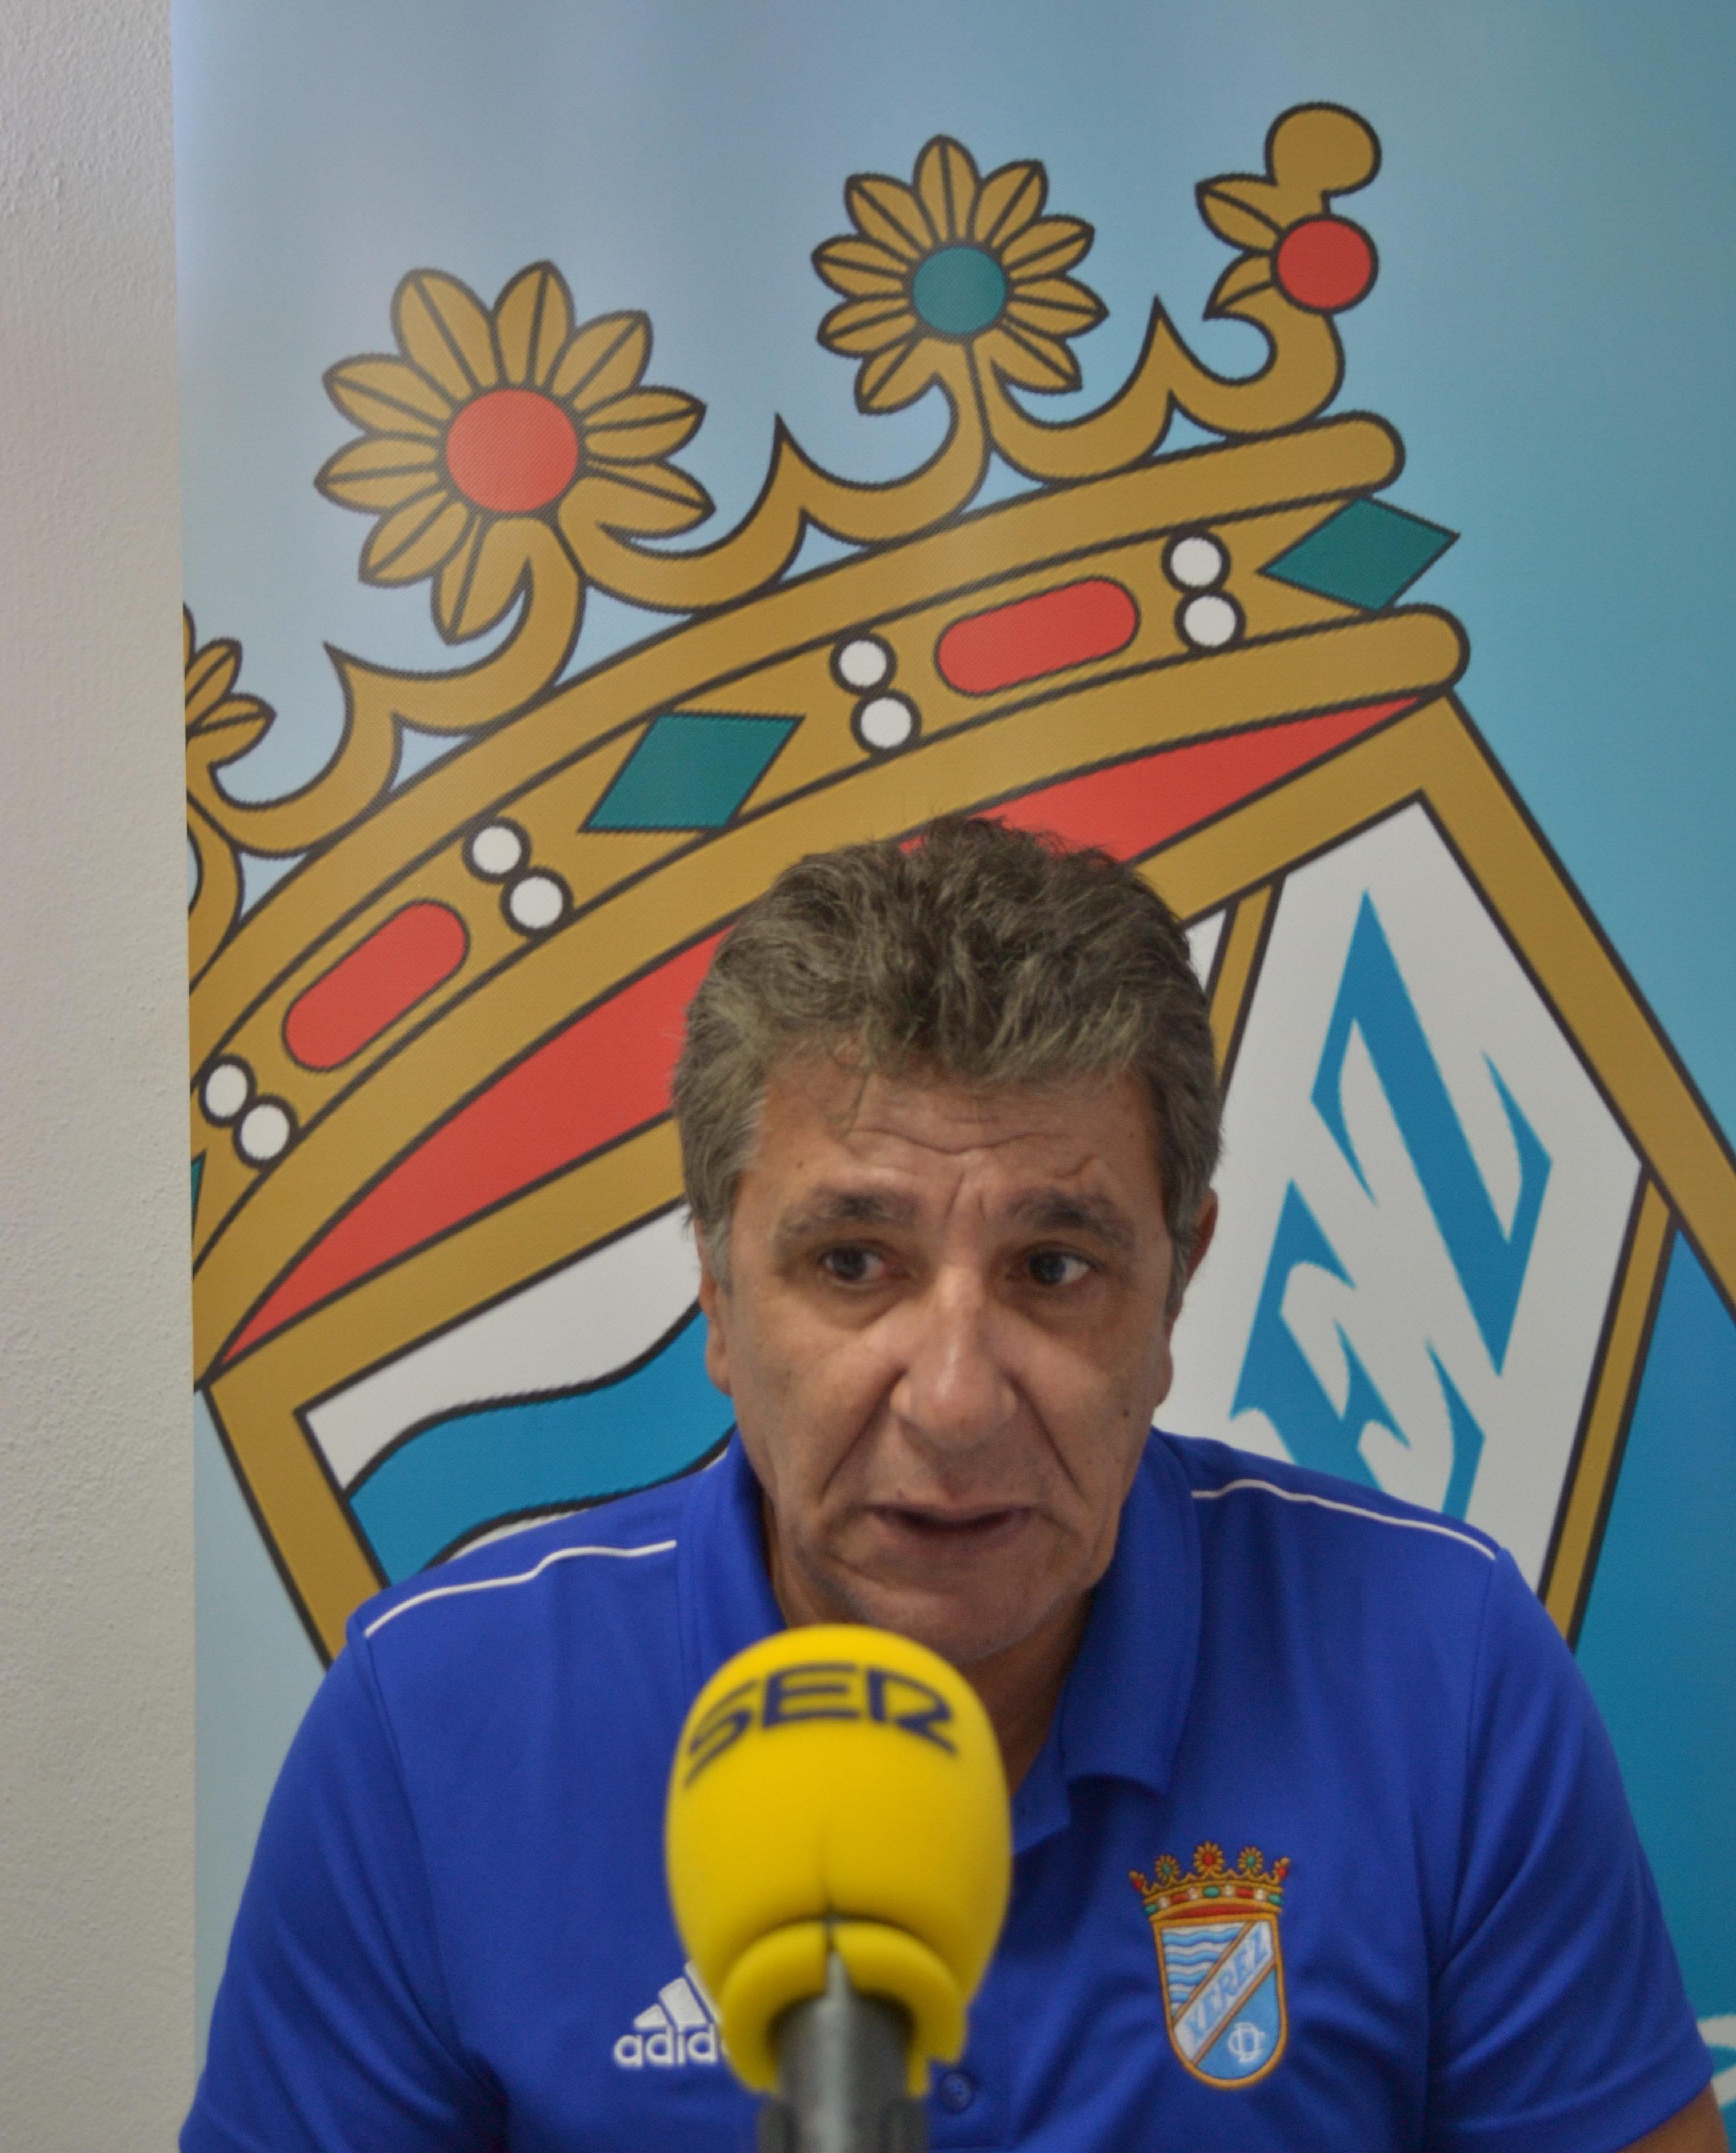 http://www.xerezclubdeportivo.es/wp-content/uploads/2018/12/DSC_0002-e1545658854989.jpg